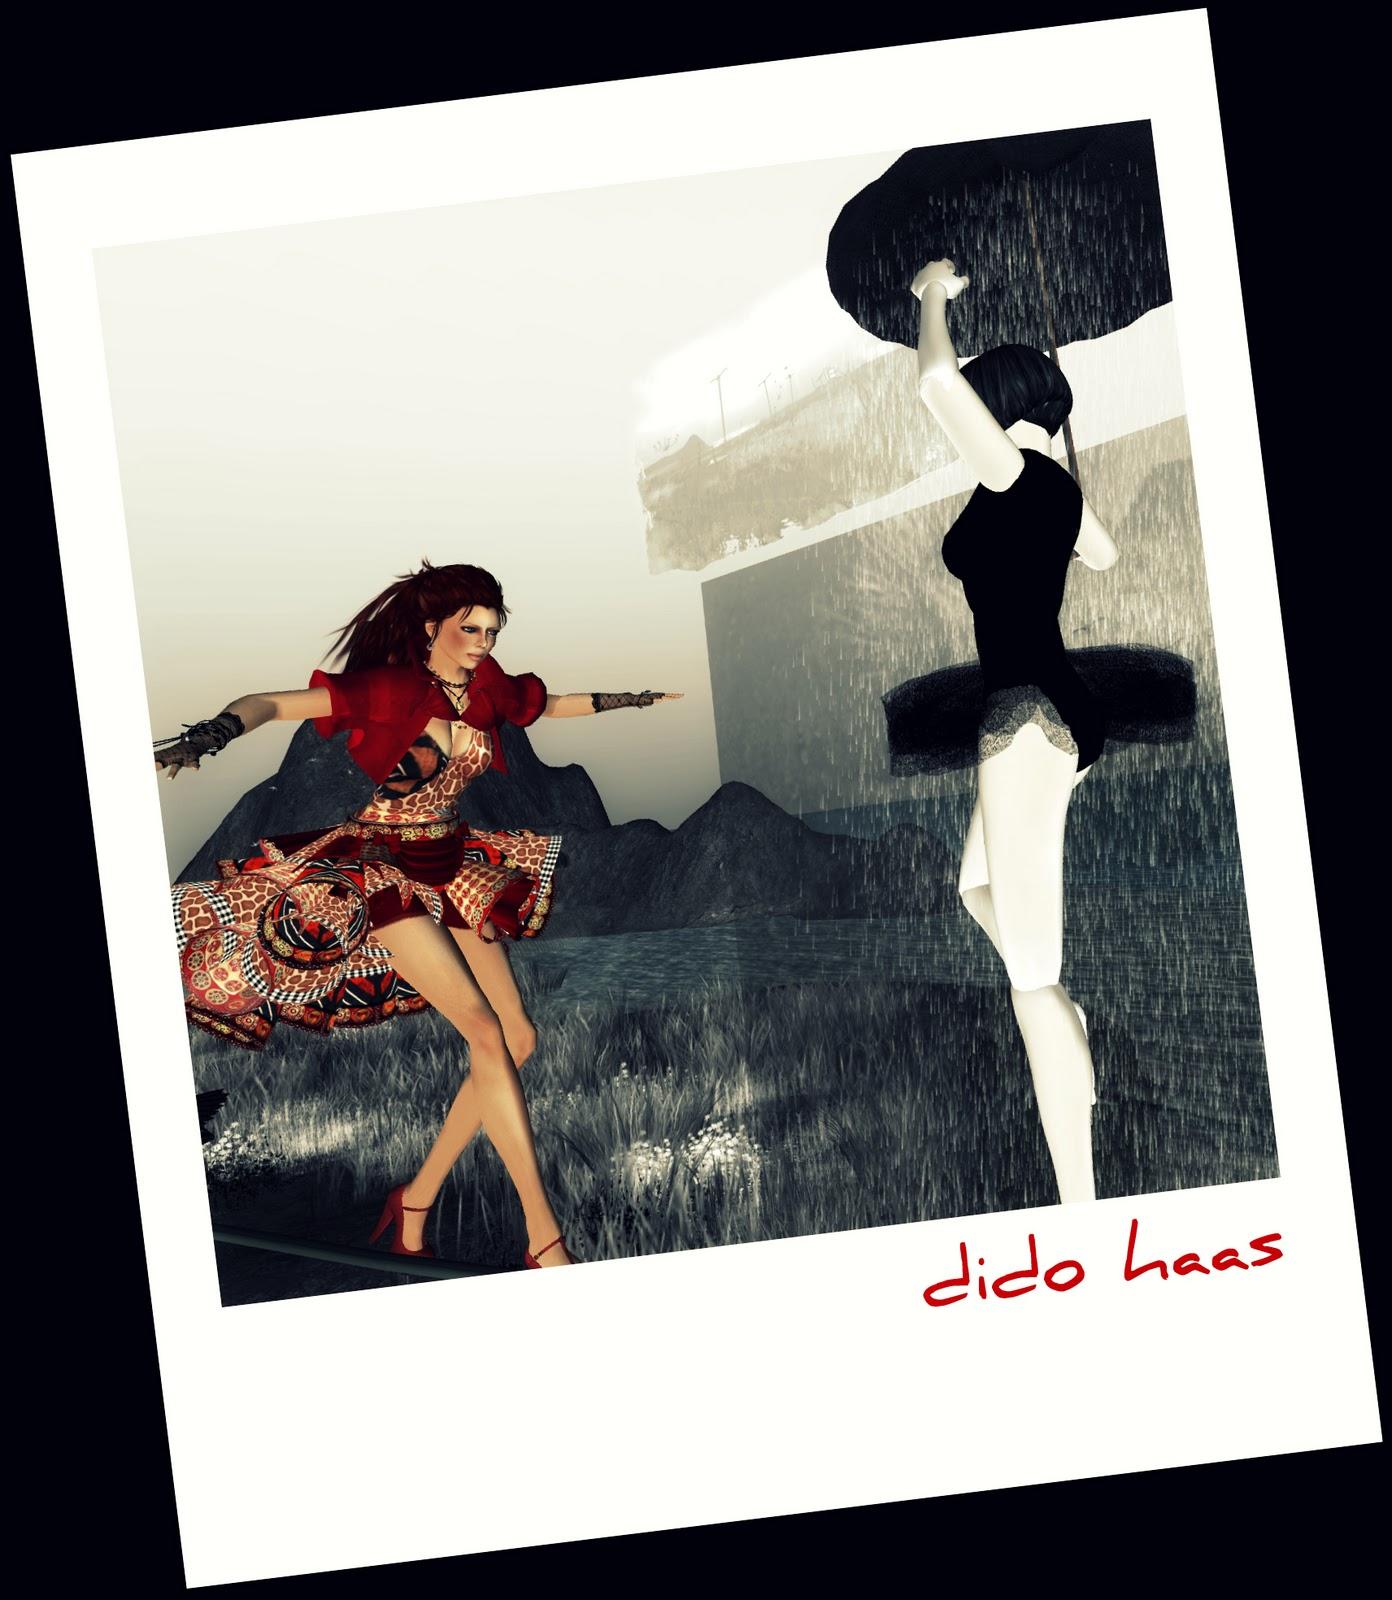 http://4.bp.blogspot.com/-PAq8KnrcjsA/TwRddpWzt_I/AAAAAAAAGAk/aQMnDpAdEak/s1600/postcard+from+Loin+des+Equilibres+-01.jpg